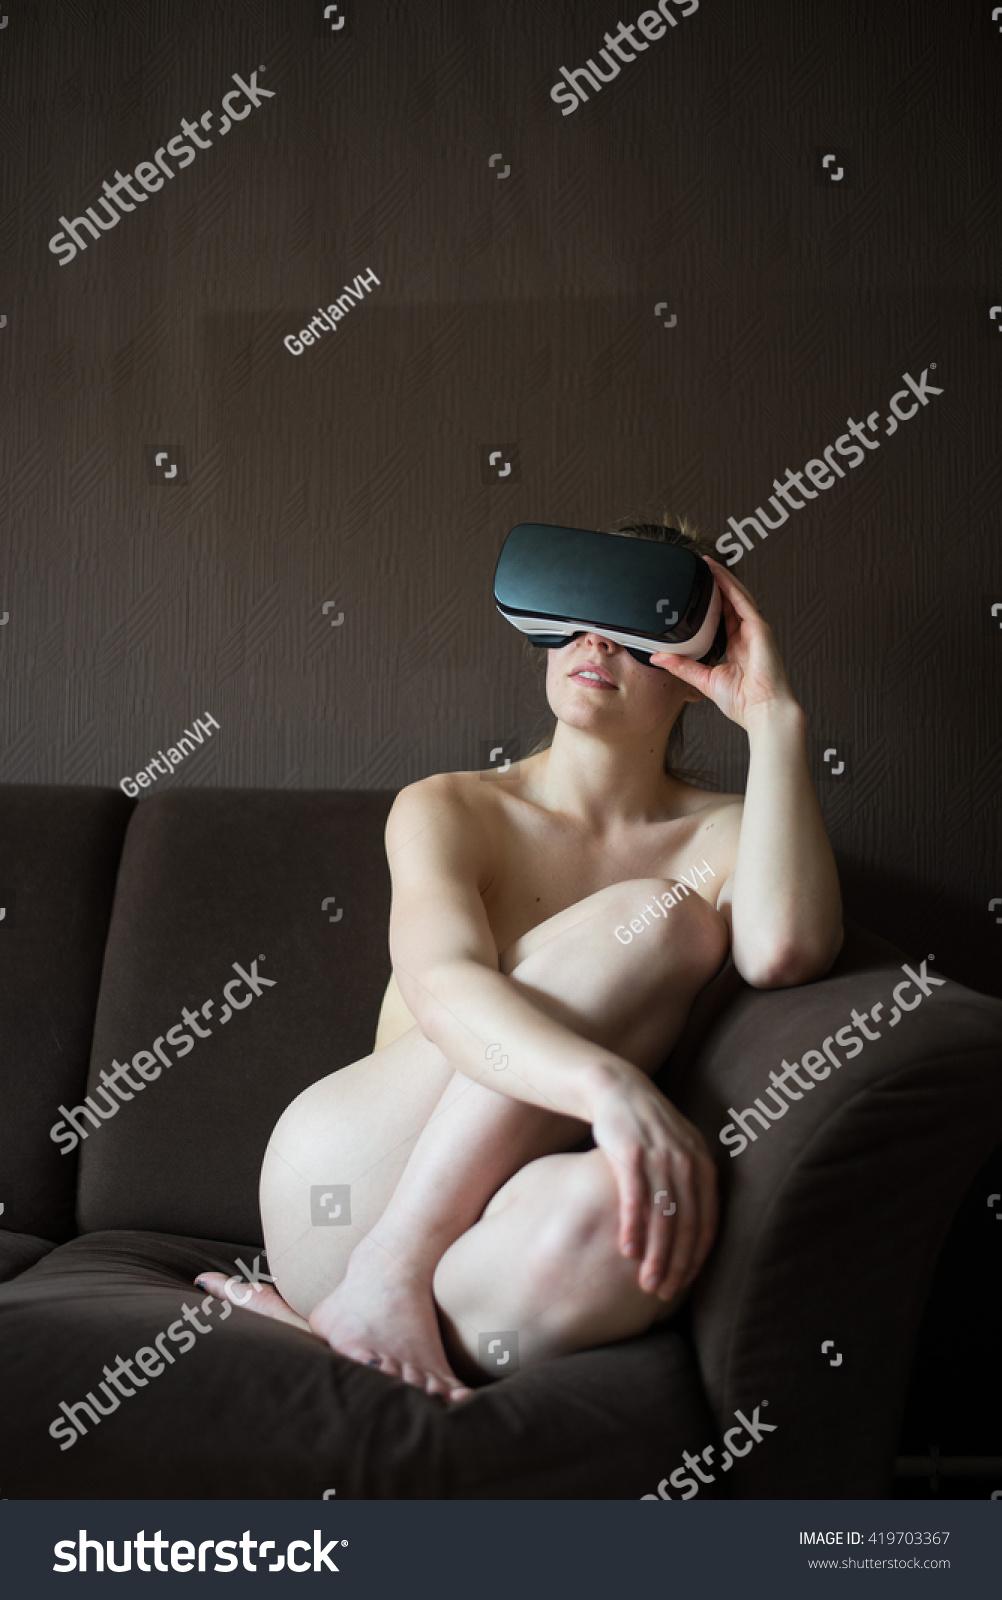 Miranda cosgrove porn pics butt